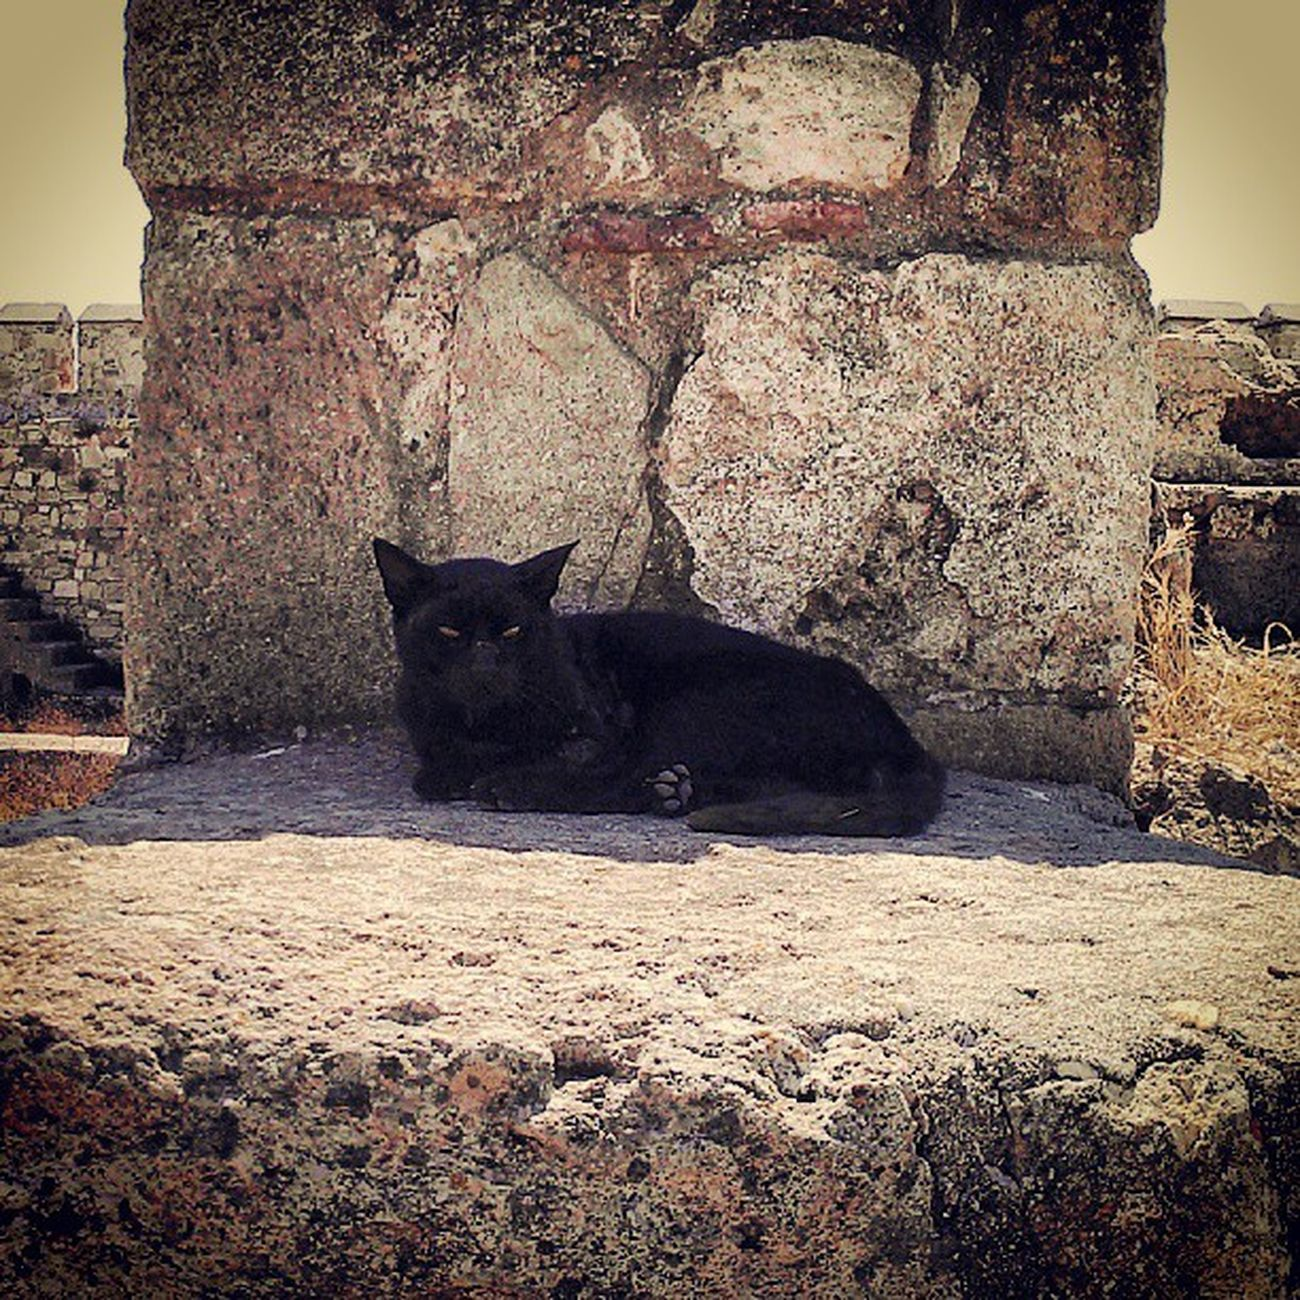 Kale pisisi Candostu Cat Cats Catsofinstagram catlovers